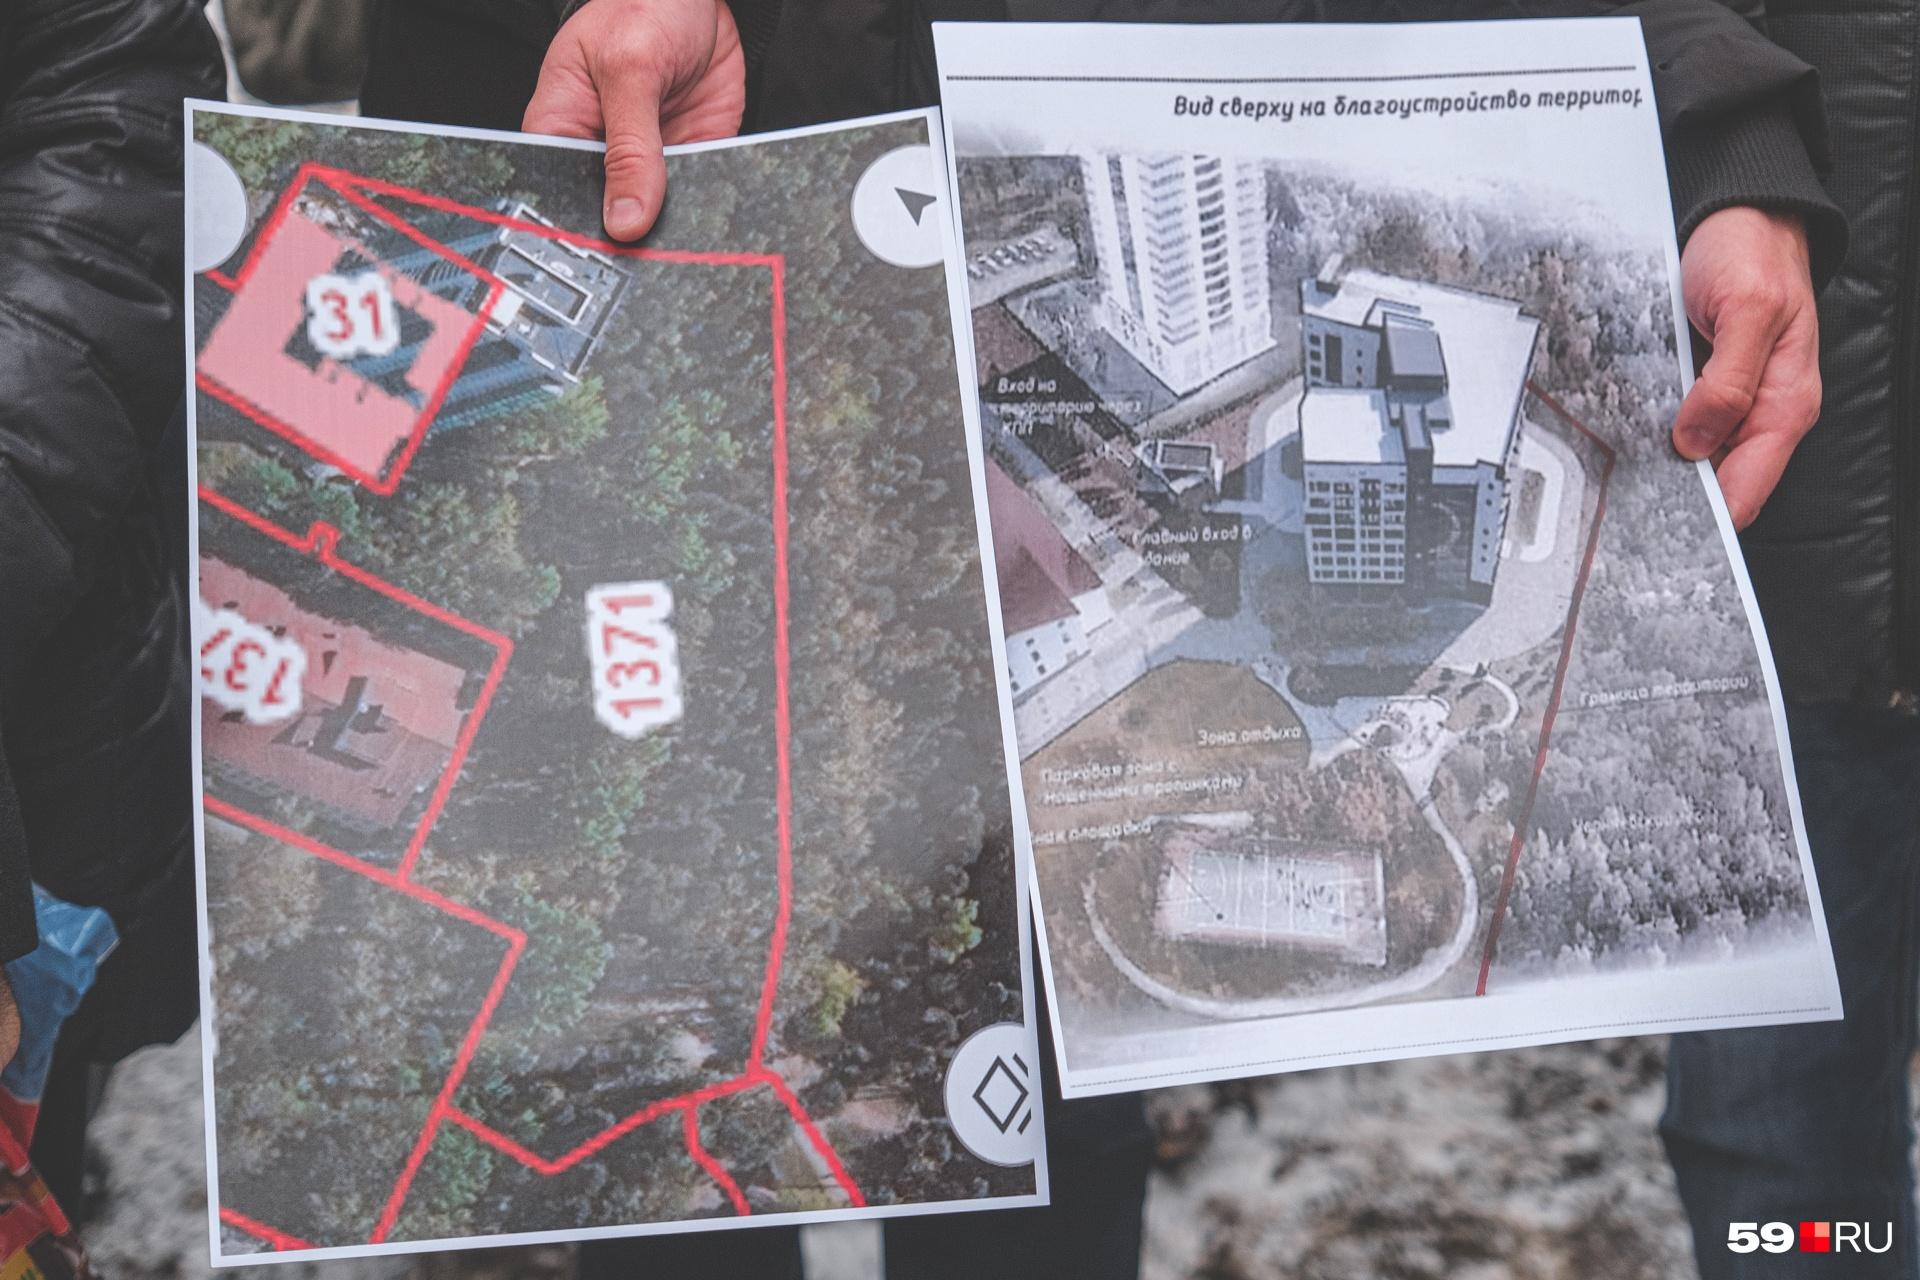 Территория, где планируют построить 10-этажное здание, и его проект